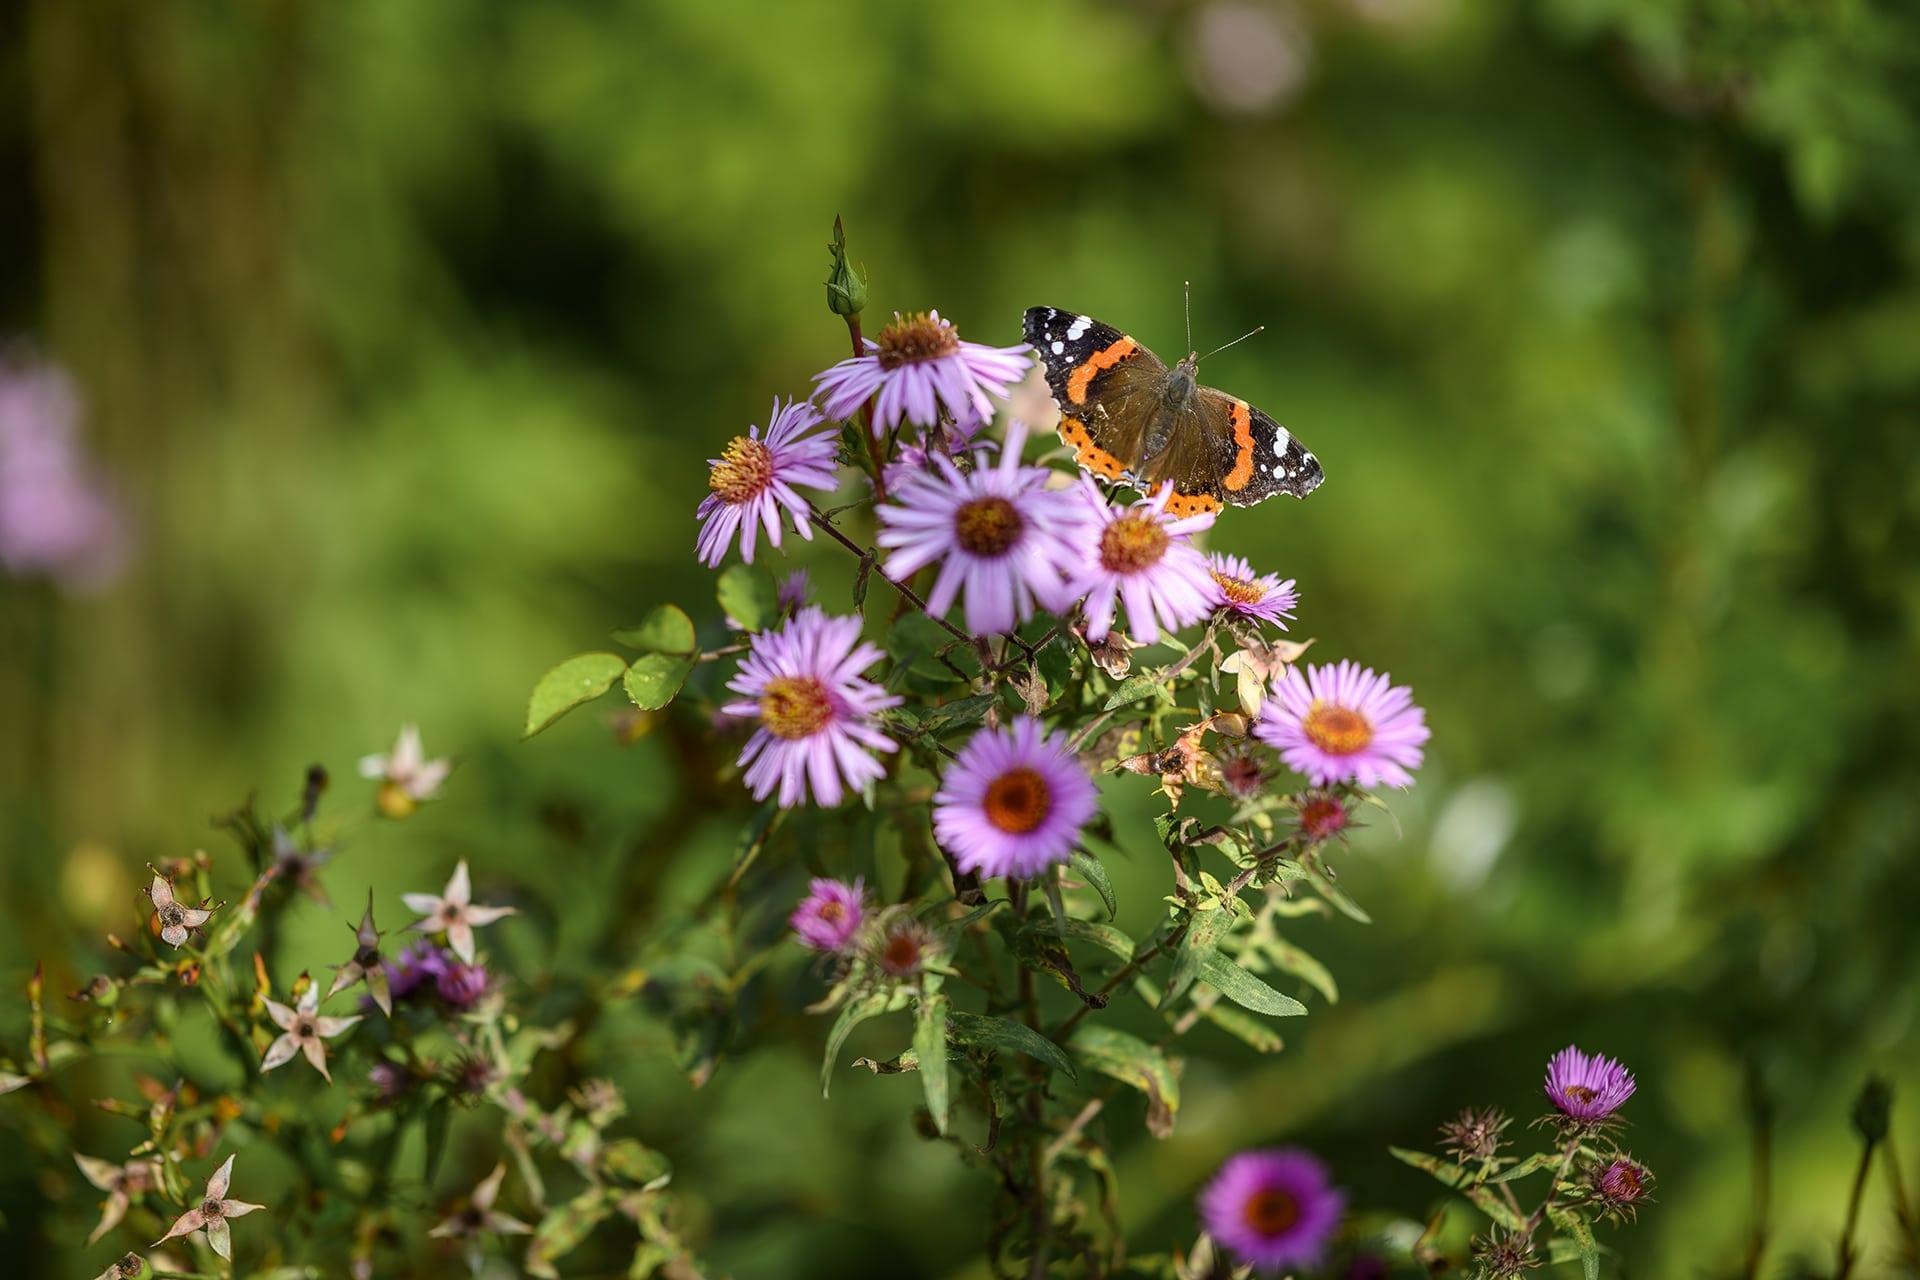 Schmetterling im naturnahen Garten